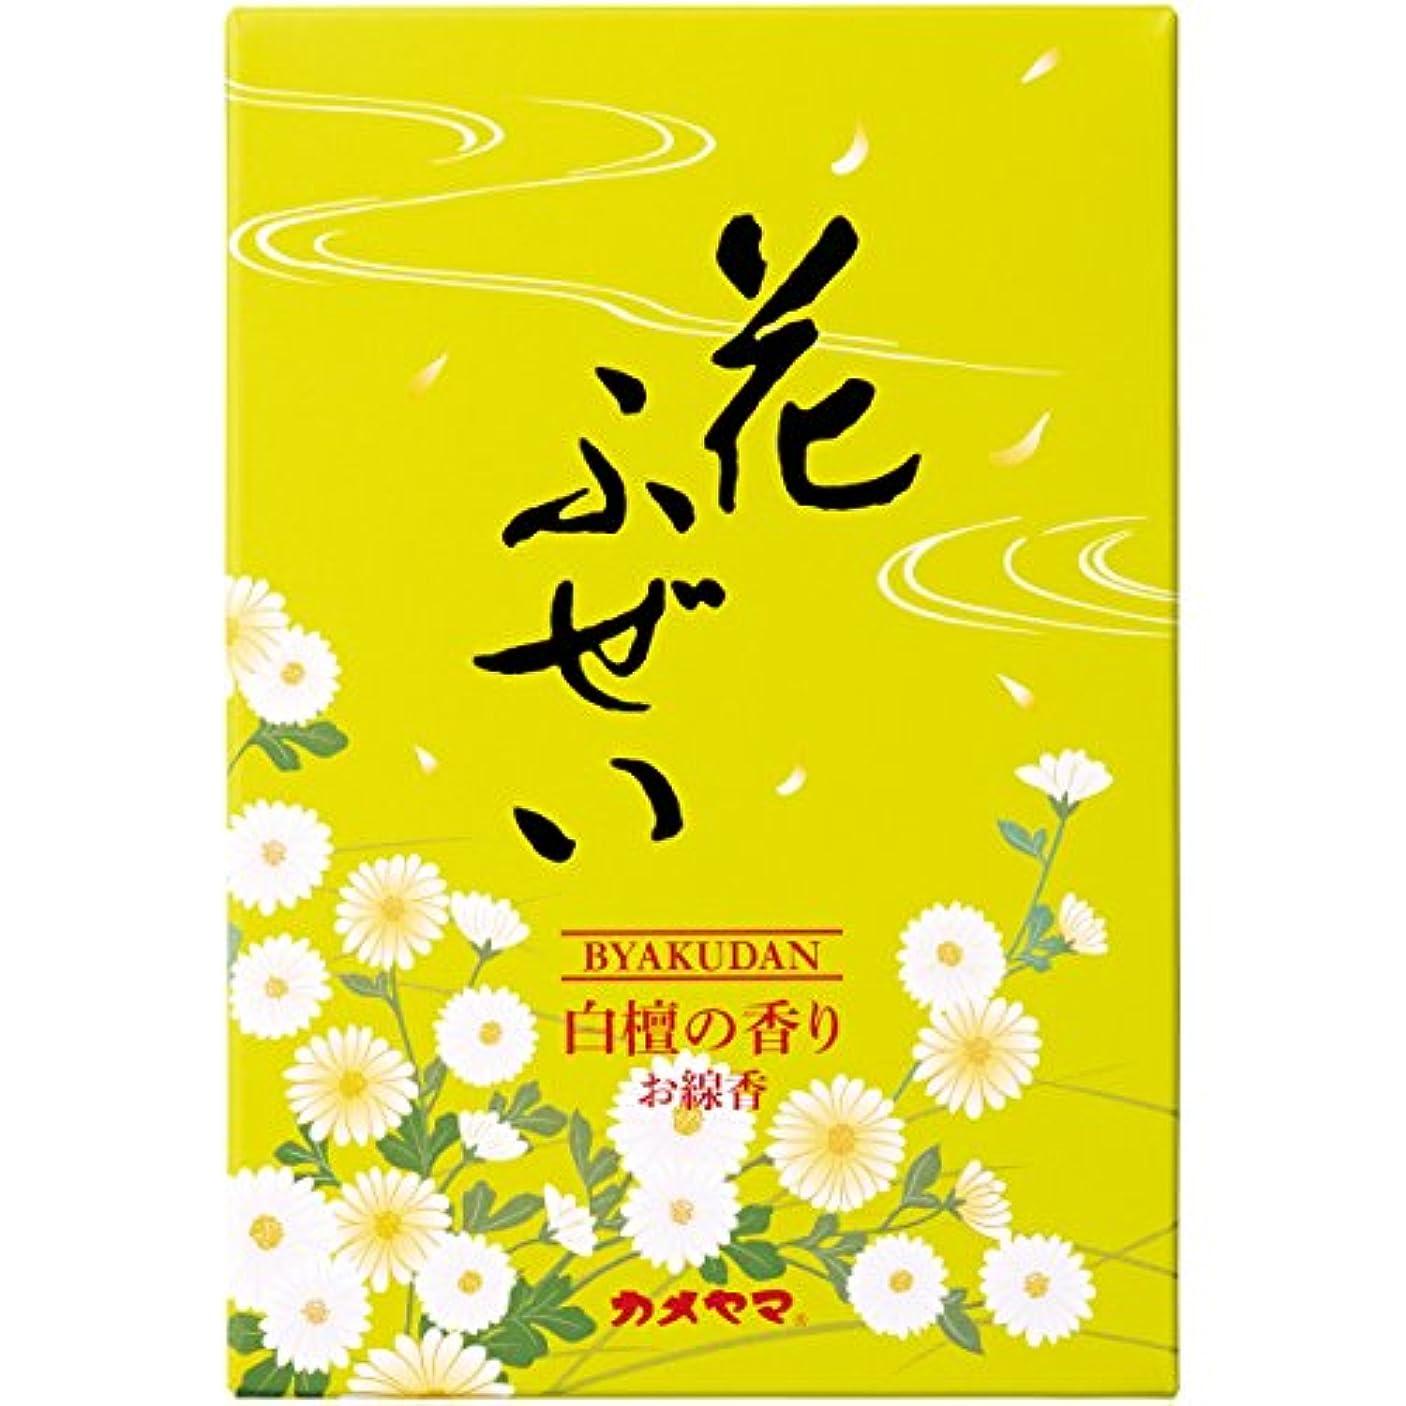 圧縮する条約詩人カメヤマ 花ふぜい(黄)白檀 徳用大型